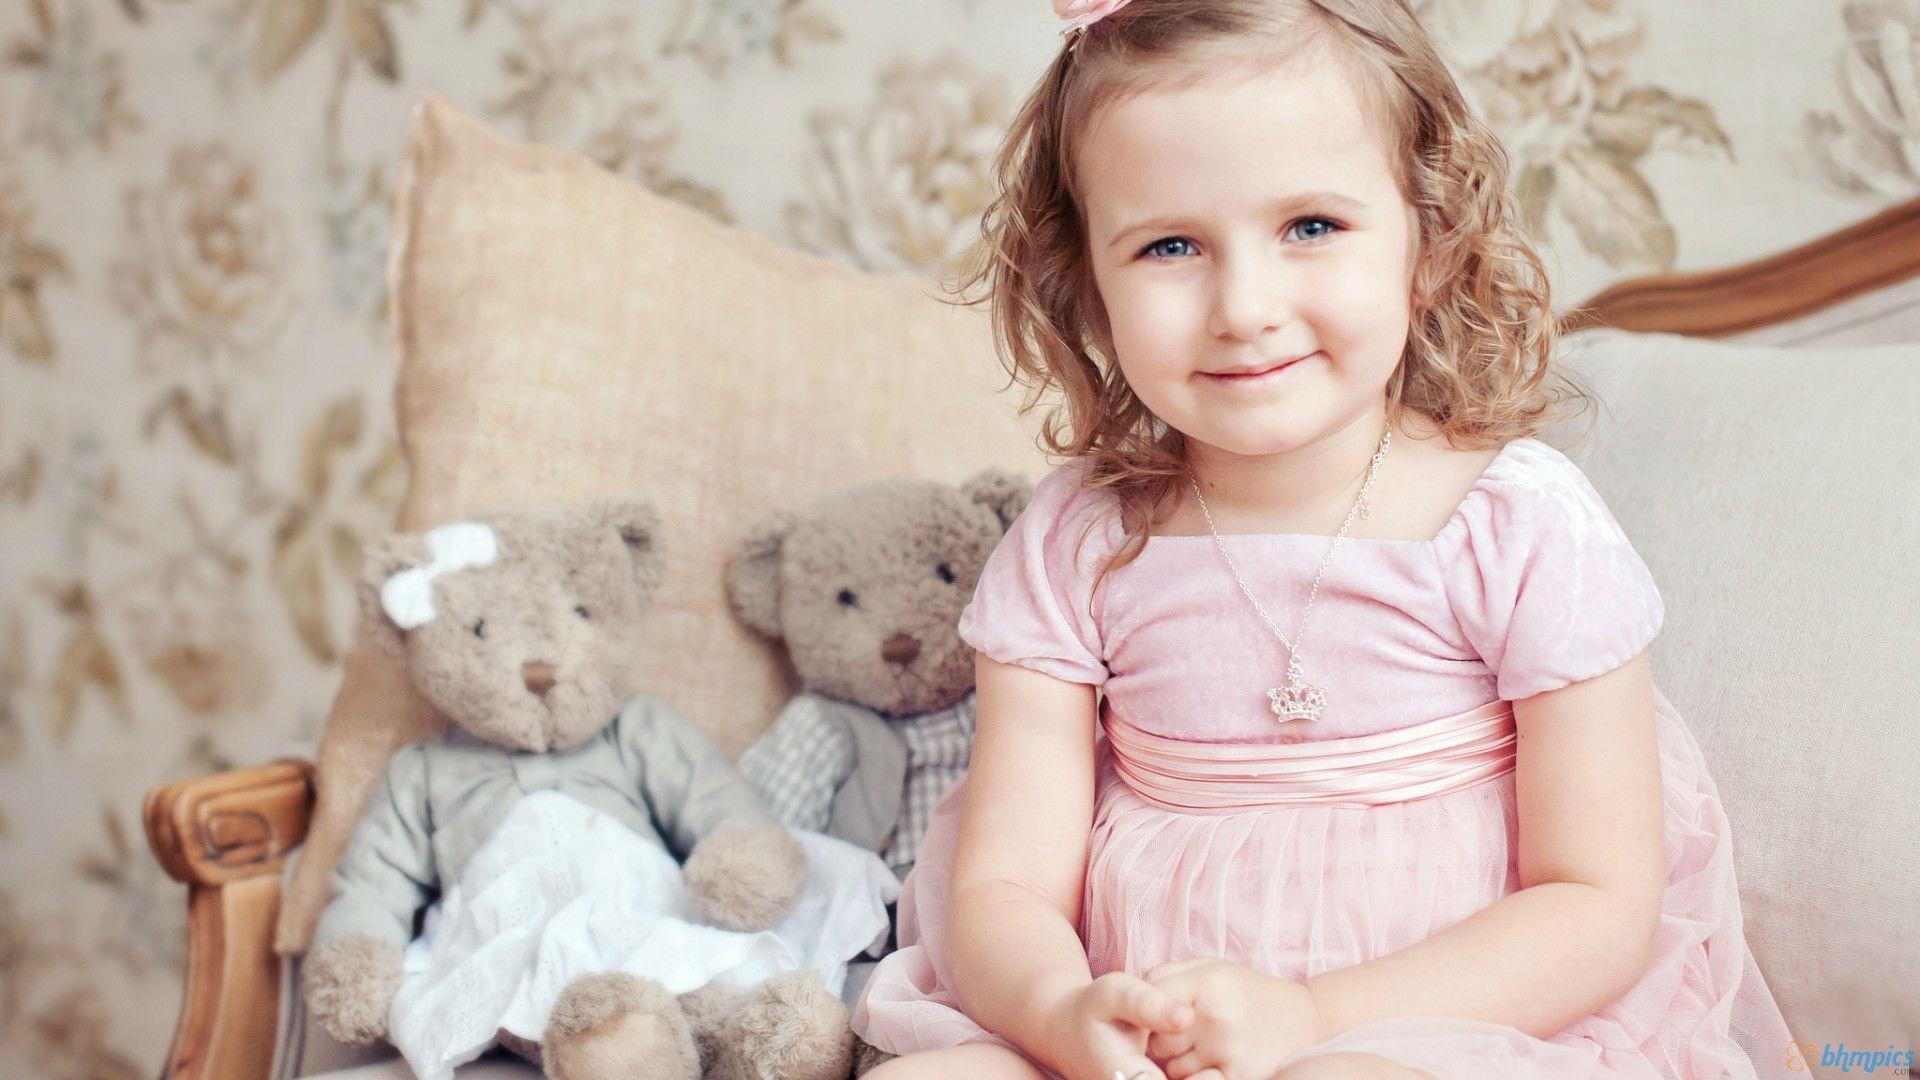 بالصور اجمل الصور للاطفال البنات , اروع صور البنات الصغار 3734 8